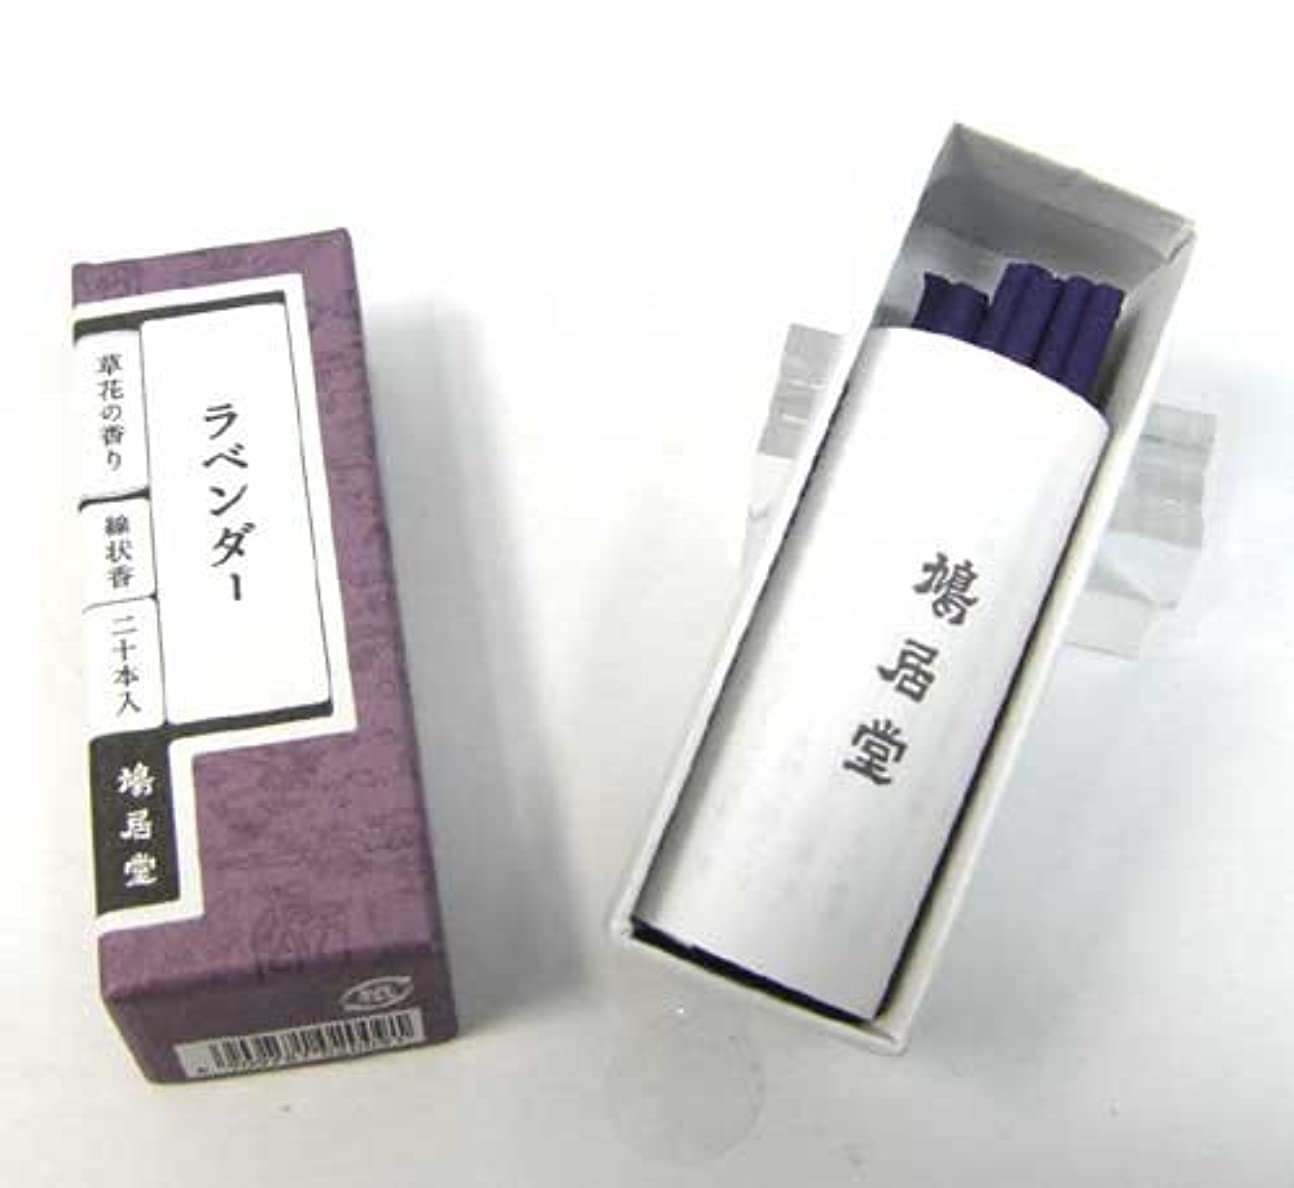 別にただやる翻訳する鳩居堂 お香 ラベンダー 草花の香りシリーズ スティックタイプ(棒状香)20本いり